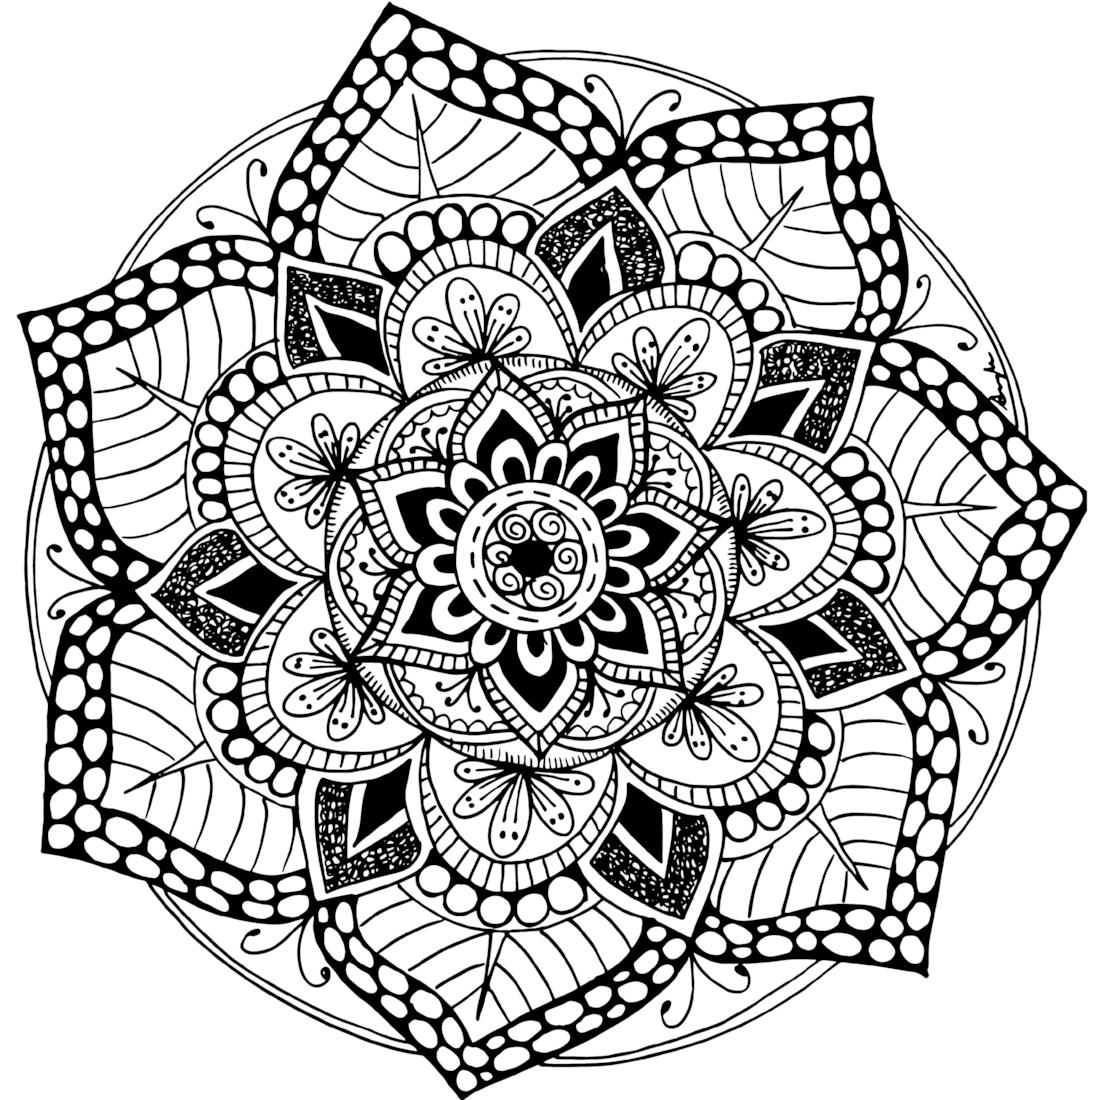 free coloring mandalas mandalas para pintar mandalas para colorear coloring mandalas free